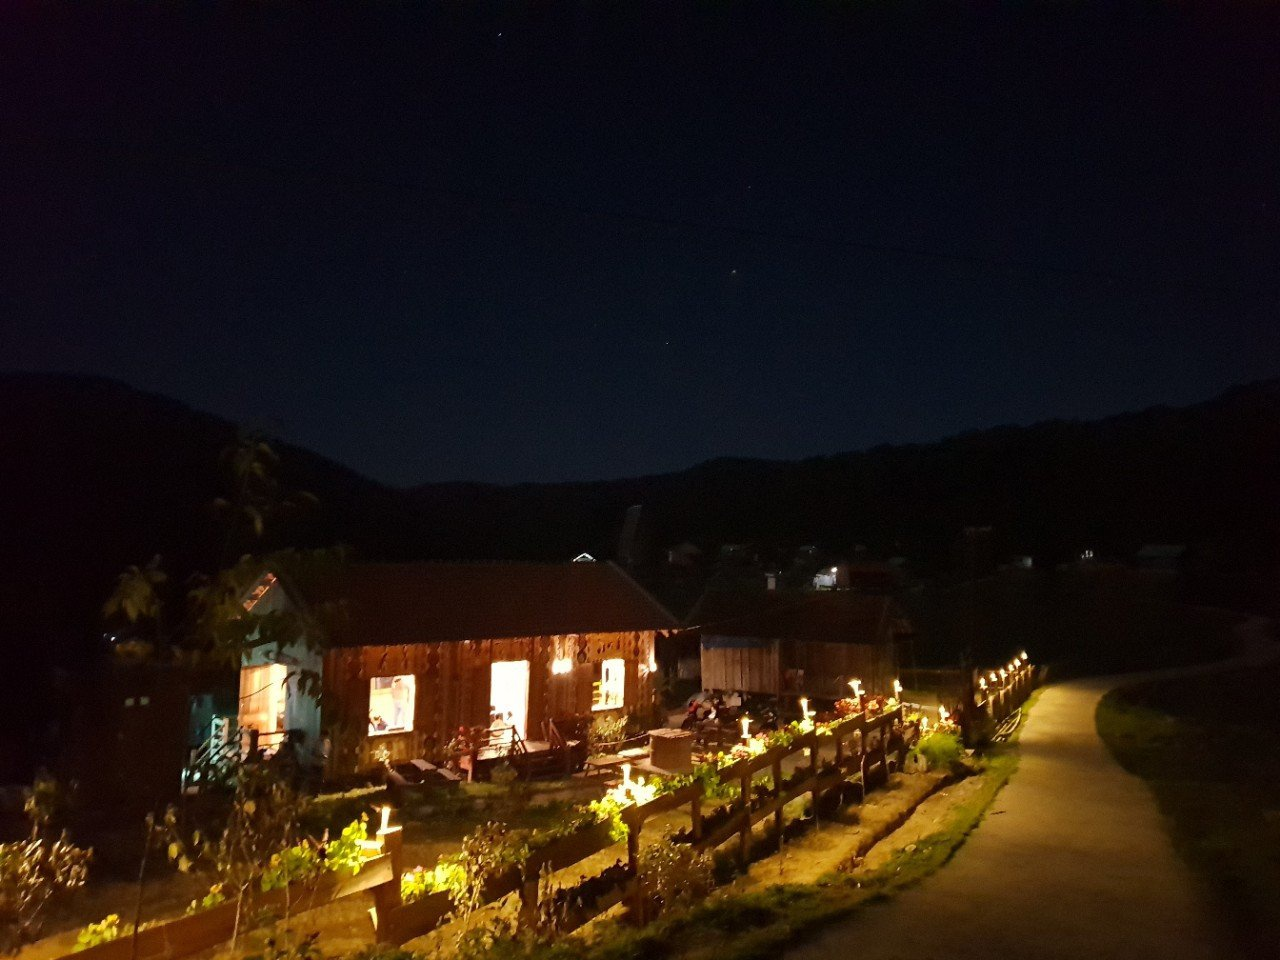 Đêm xuống, làng homestay Kon Pring lung linh